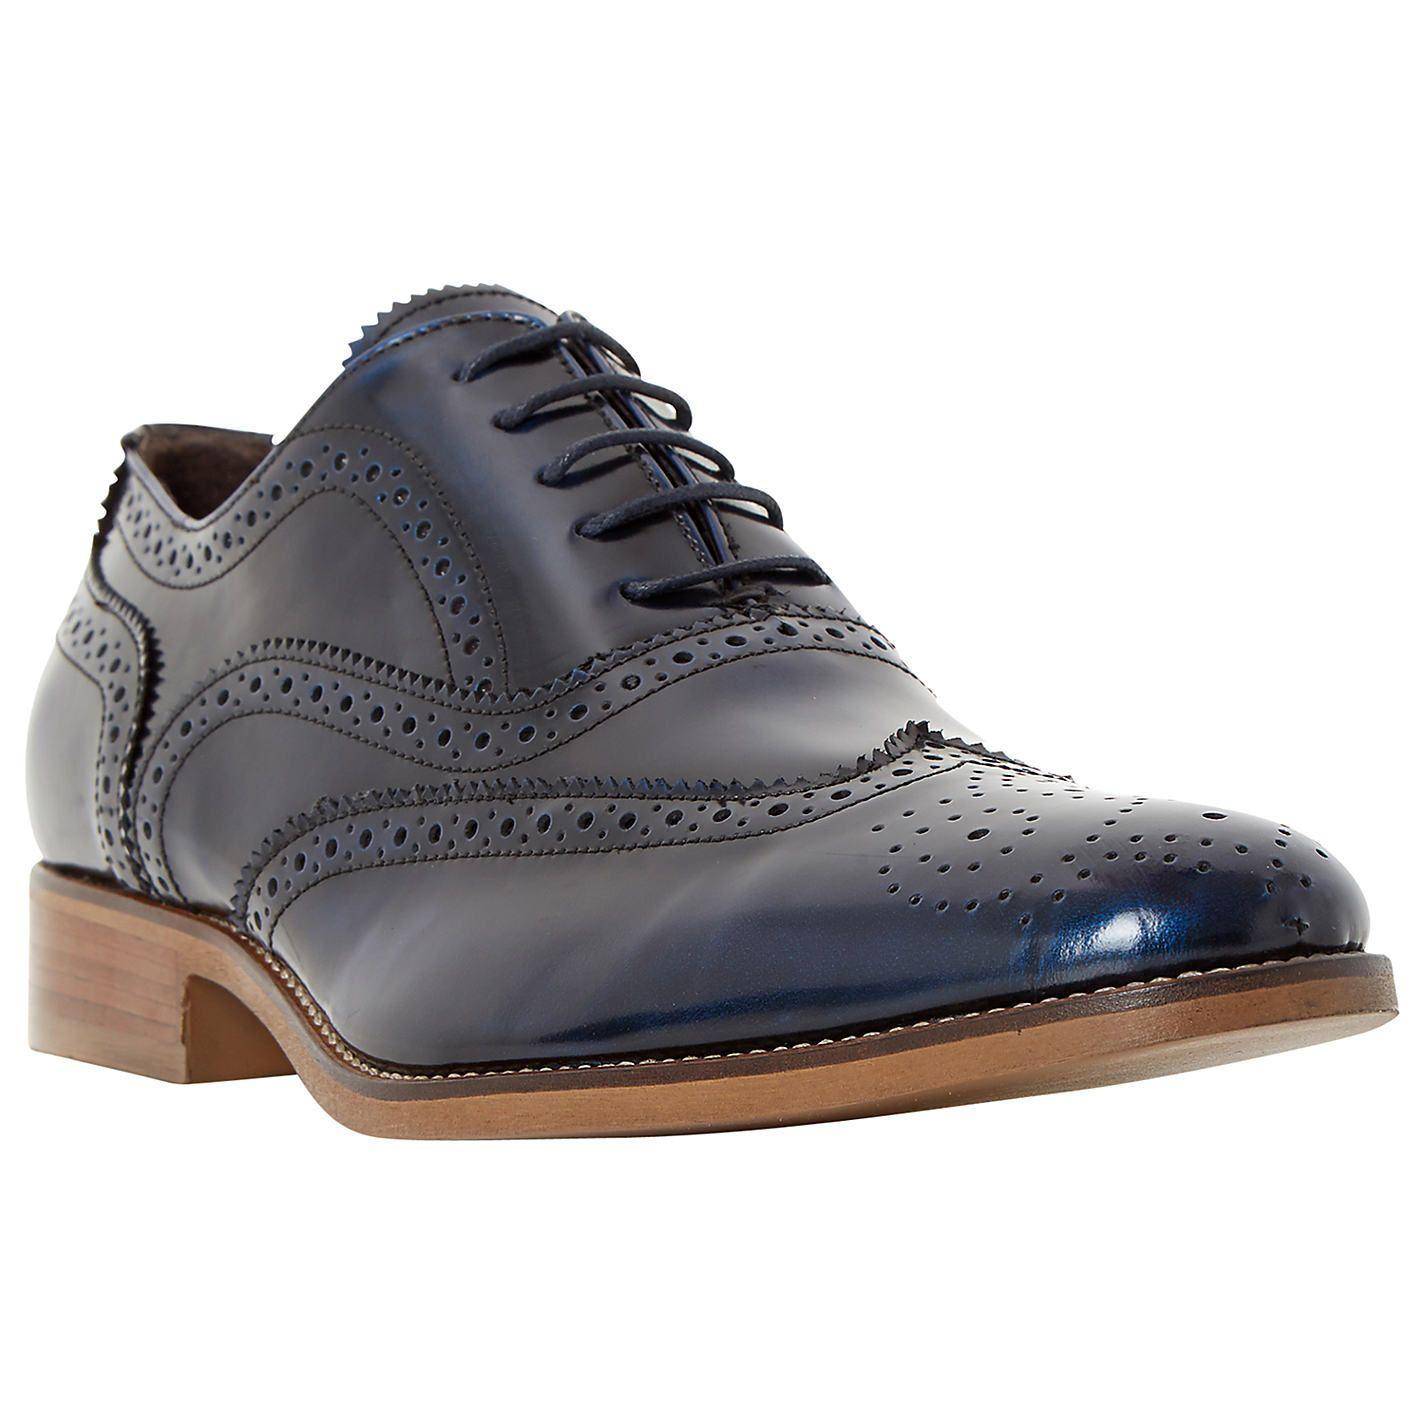 44 EU  Azul (Nightblue) Zapatos negros formales Bertie para hombre  Multicolor (Multi) RkLPwZMkA